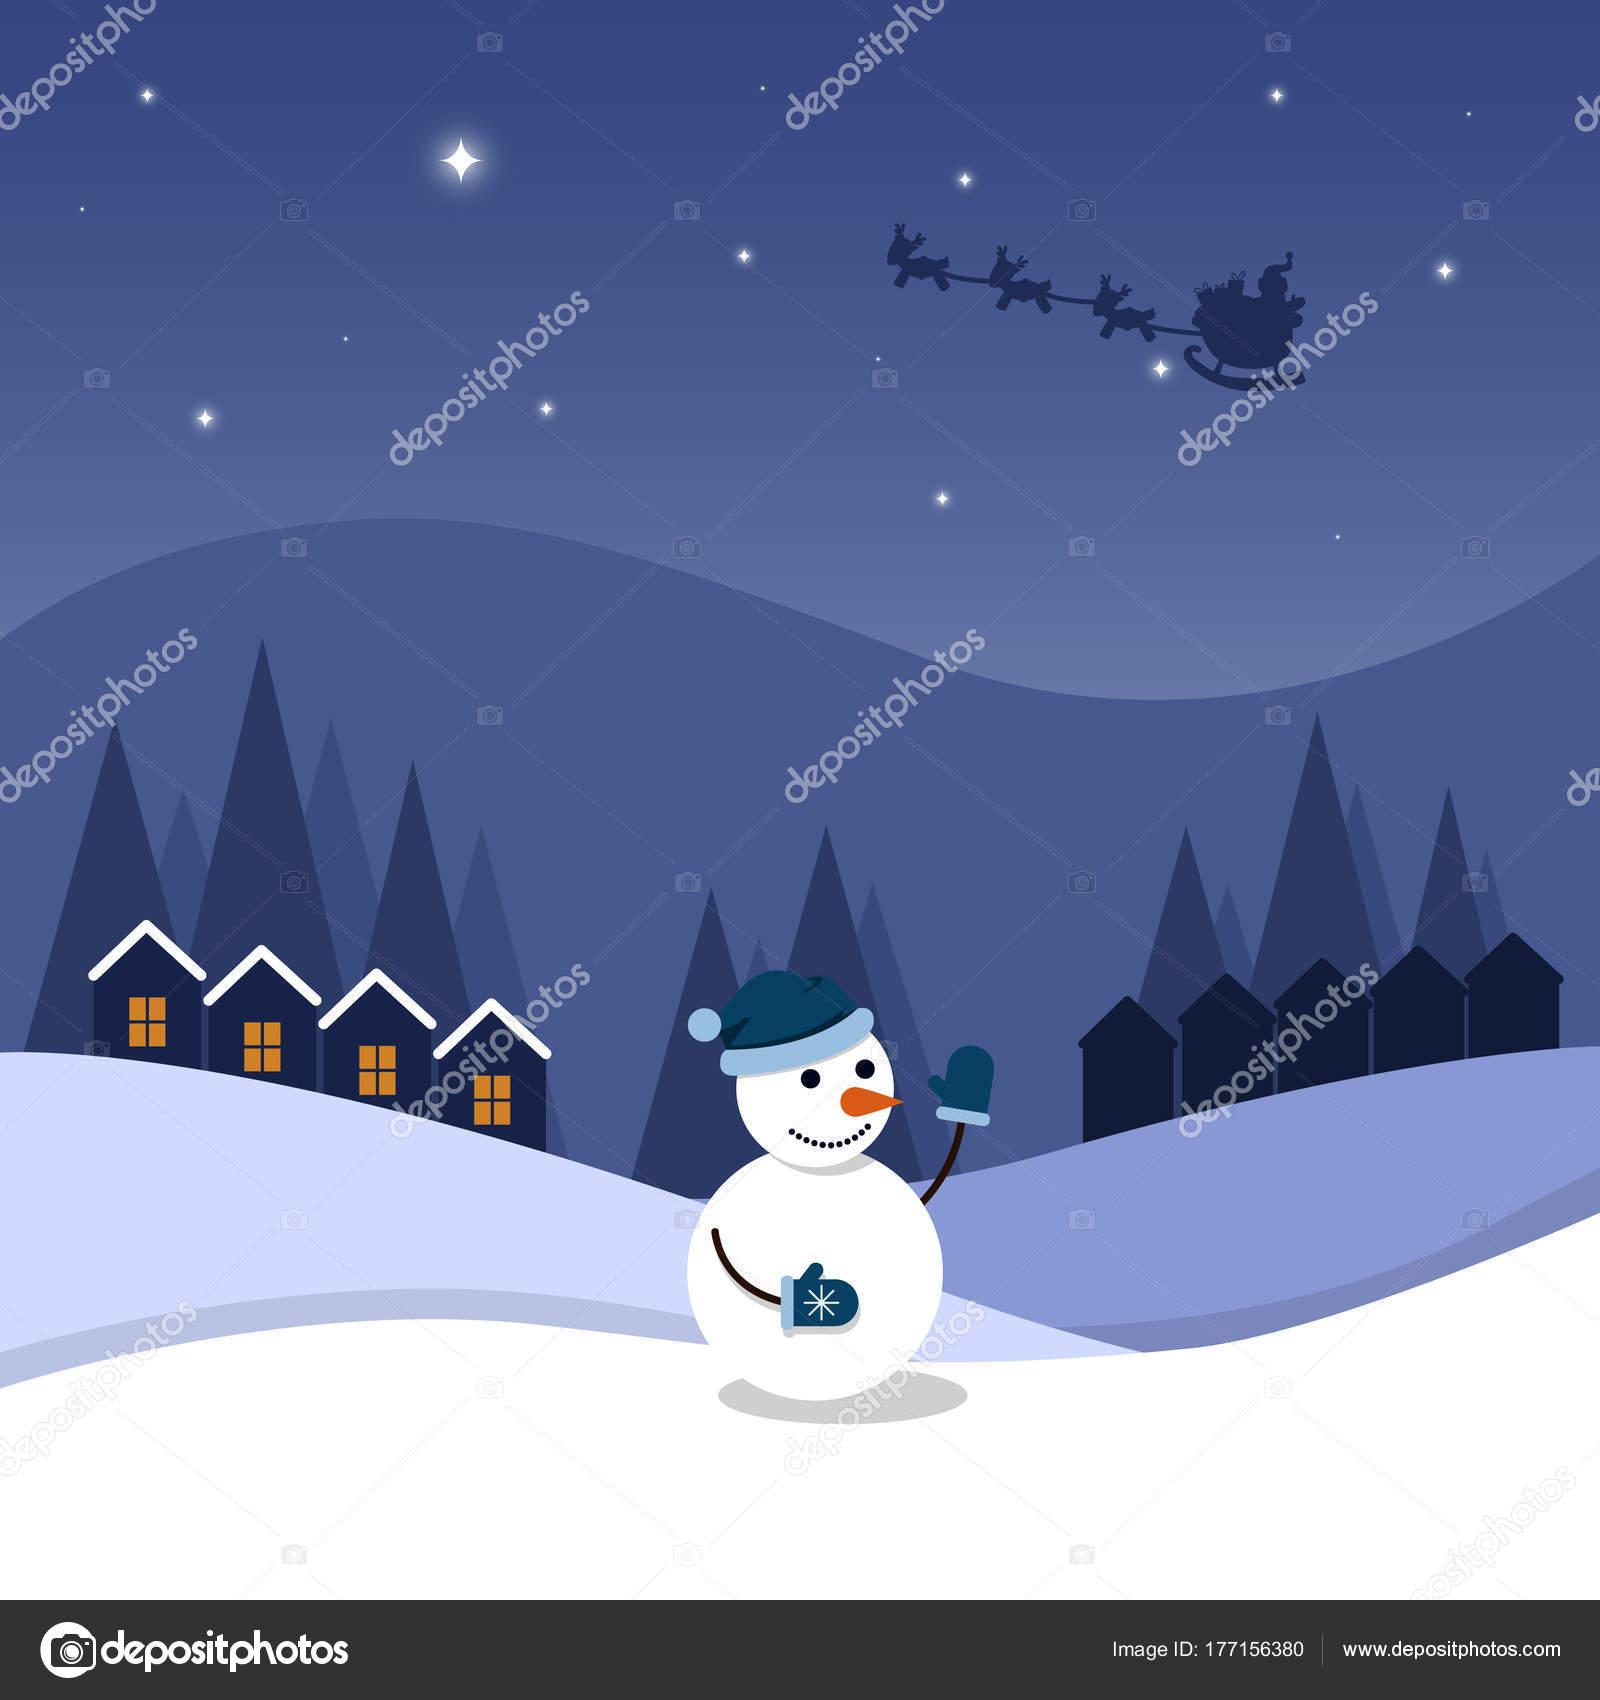 Dessin Anime Nuit Noel Etoilee Joyeux Bonhomme Neige Illustration